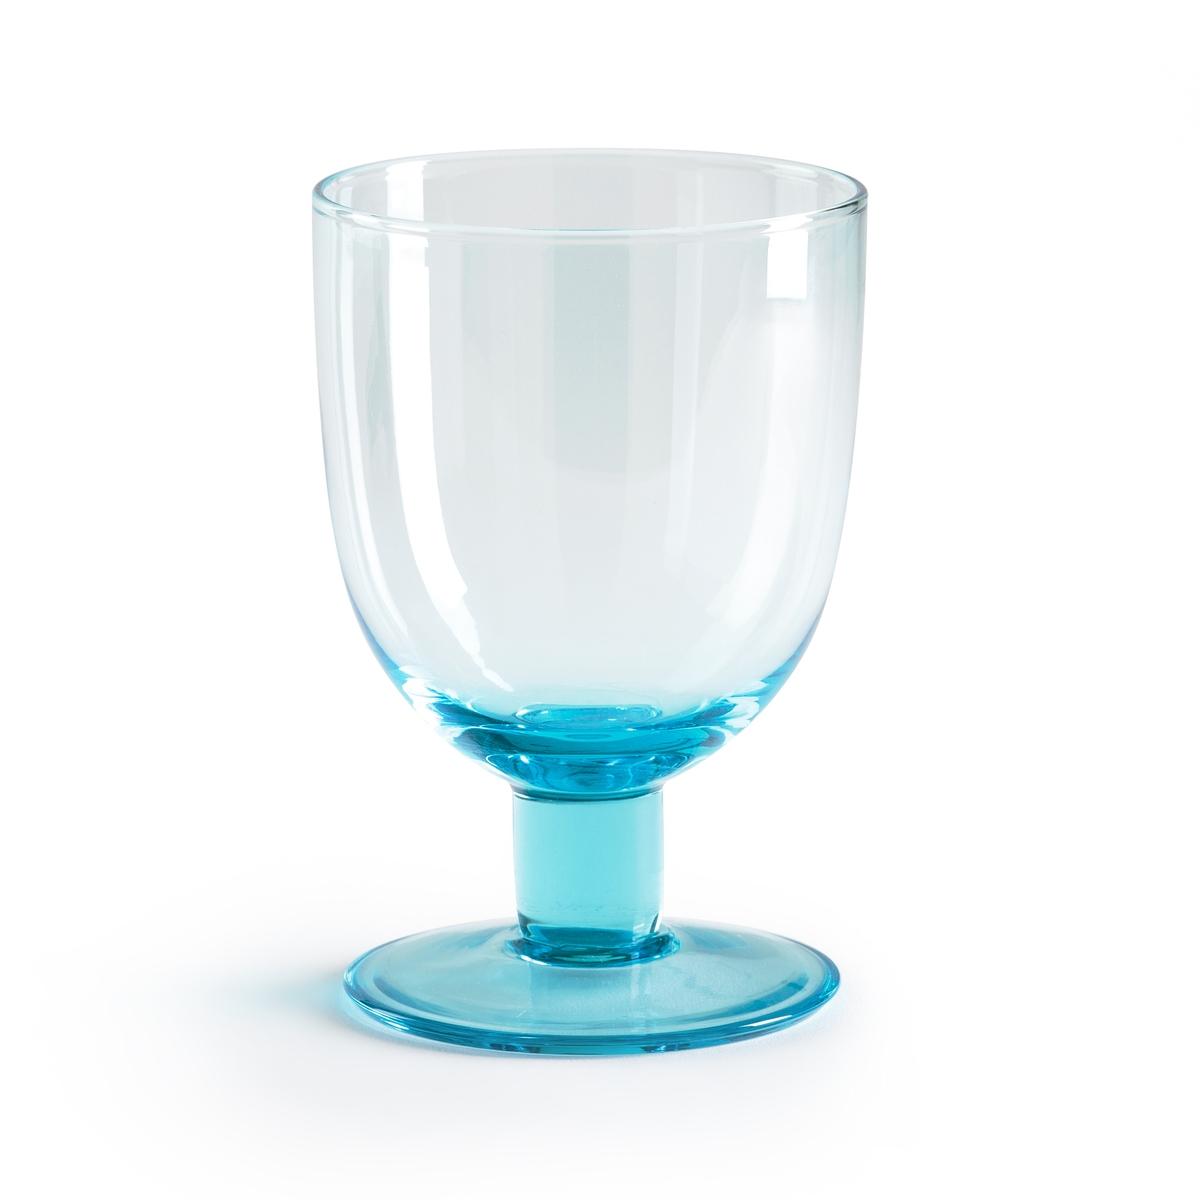 Комплект из 6 бокалов для воды Nubia6 бокалов для воды Nubia. Выбирайте бокалы из синего стекла для оригинальной нотки или из прозрачного стекла для чистоты. Форма с ножкой идеально подходит для воды. Из прозрачного или синего стекла. Размеры: ?8,5 x В13 см. Подходят для использования в посудомоечной машине.<br><br>Цвет: прозрачный,синий